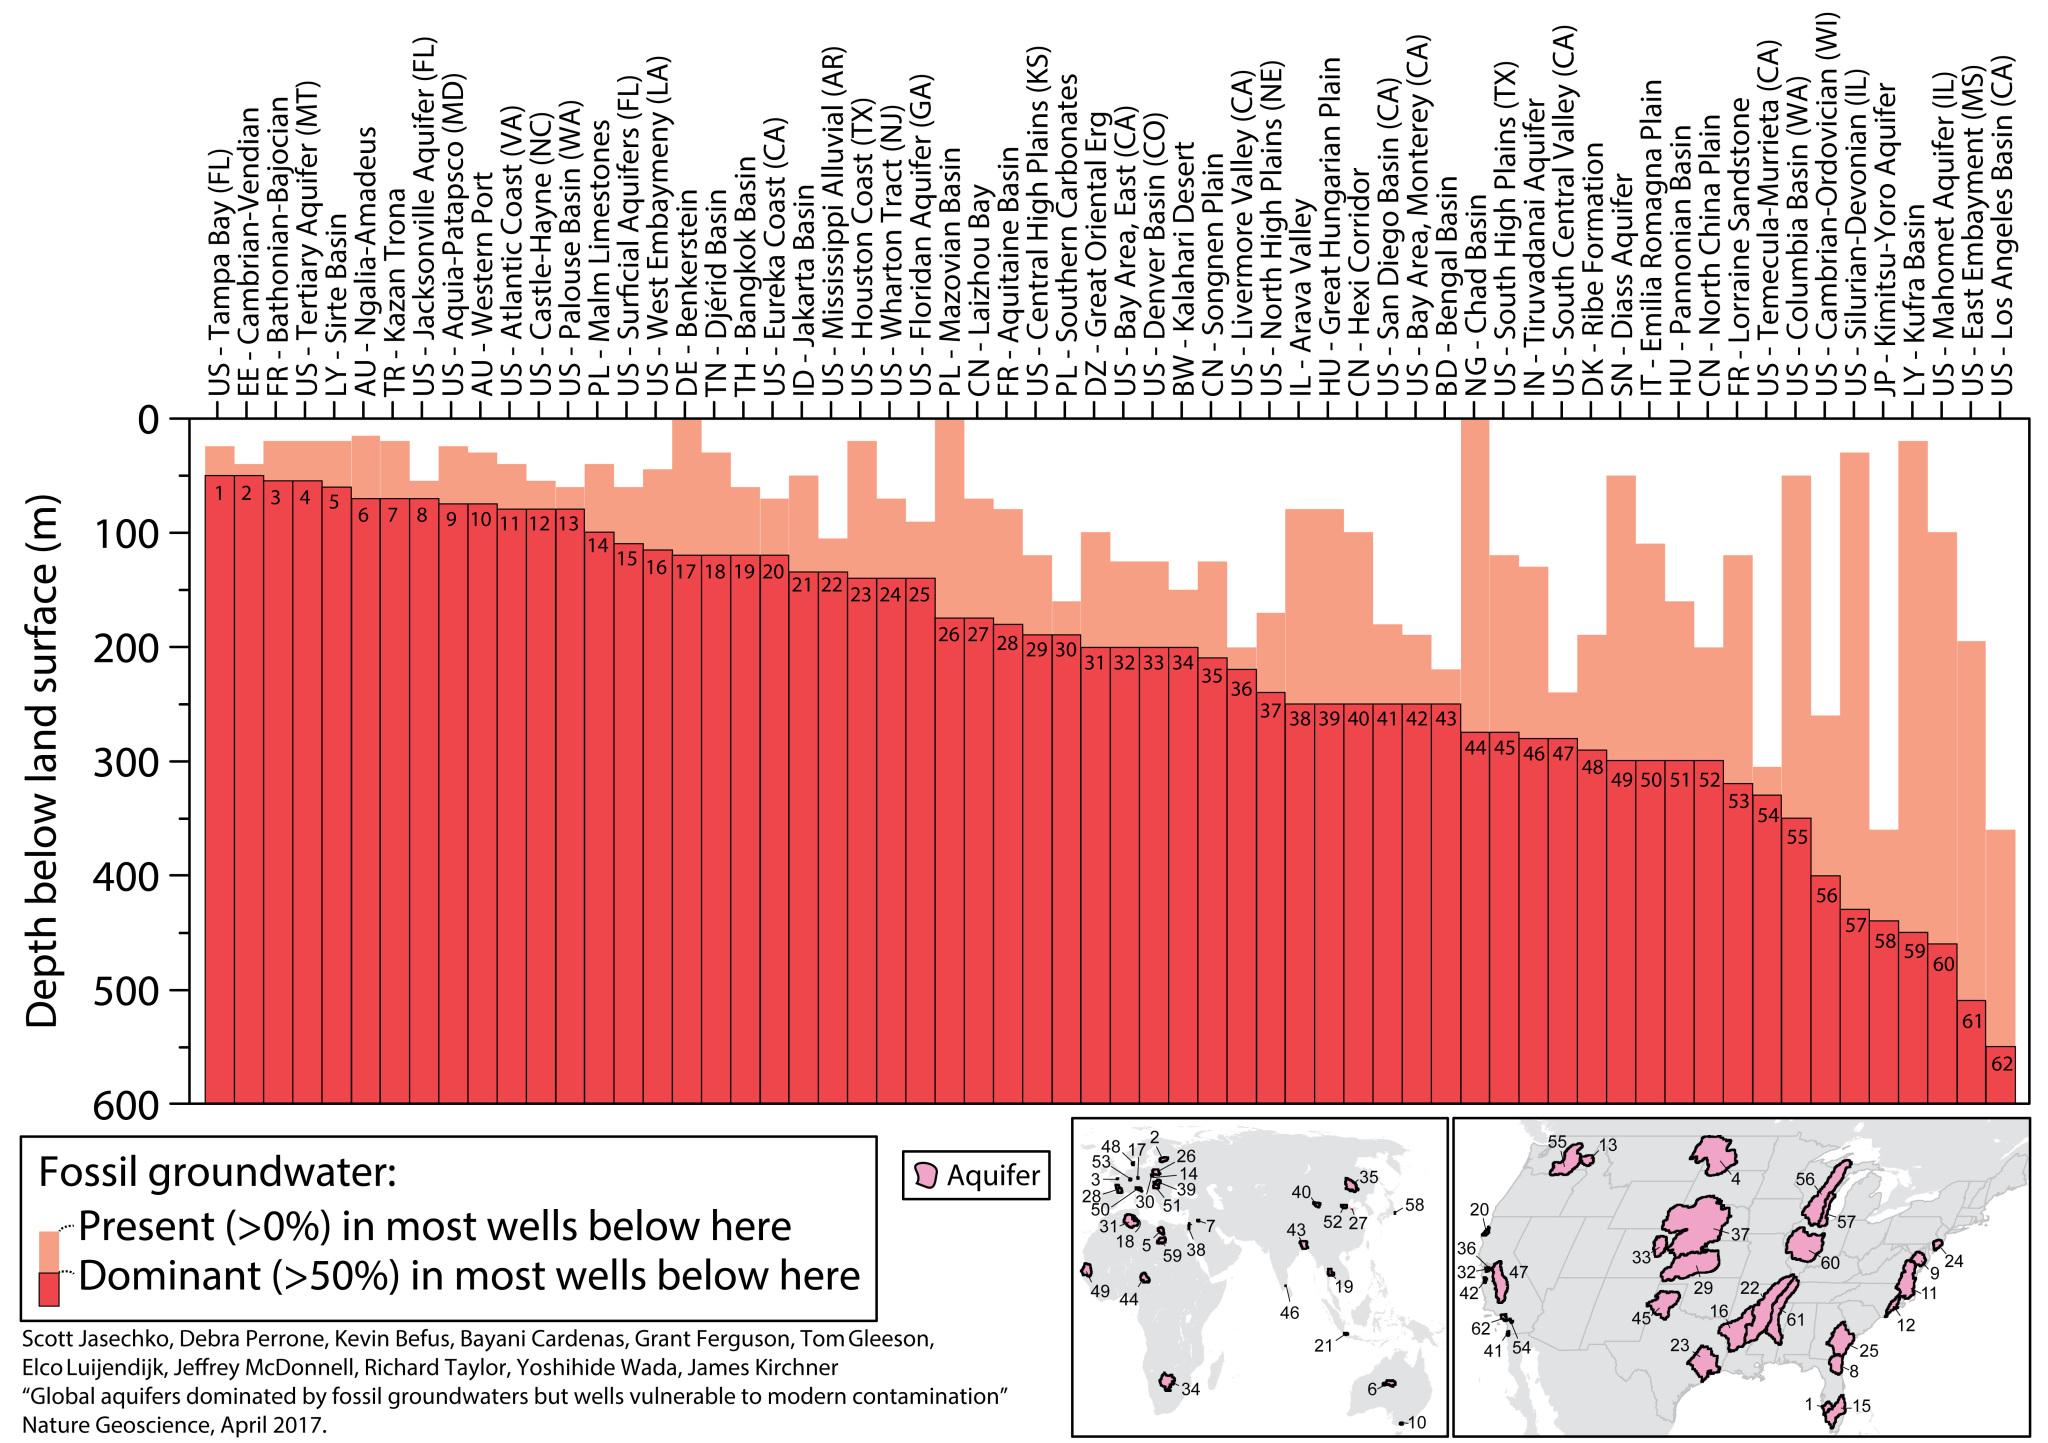 En este gráfico se aprecia la importancia del agua fósil respecto al agua reciente en algunos de los pozos analizados. Fuente: Autores.